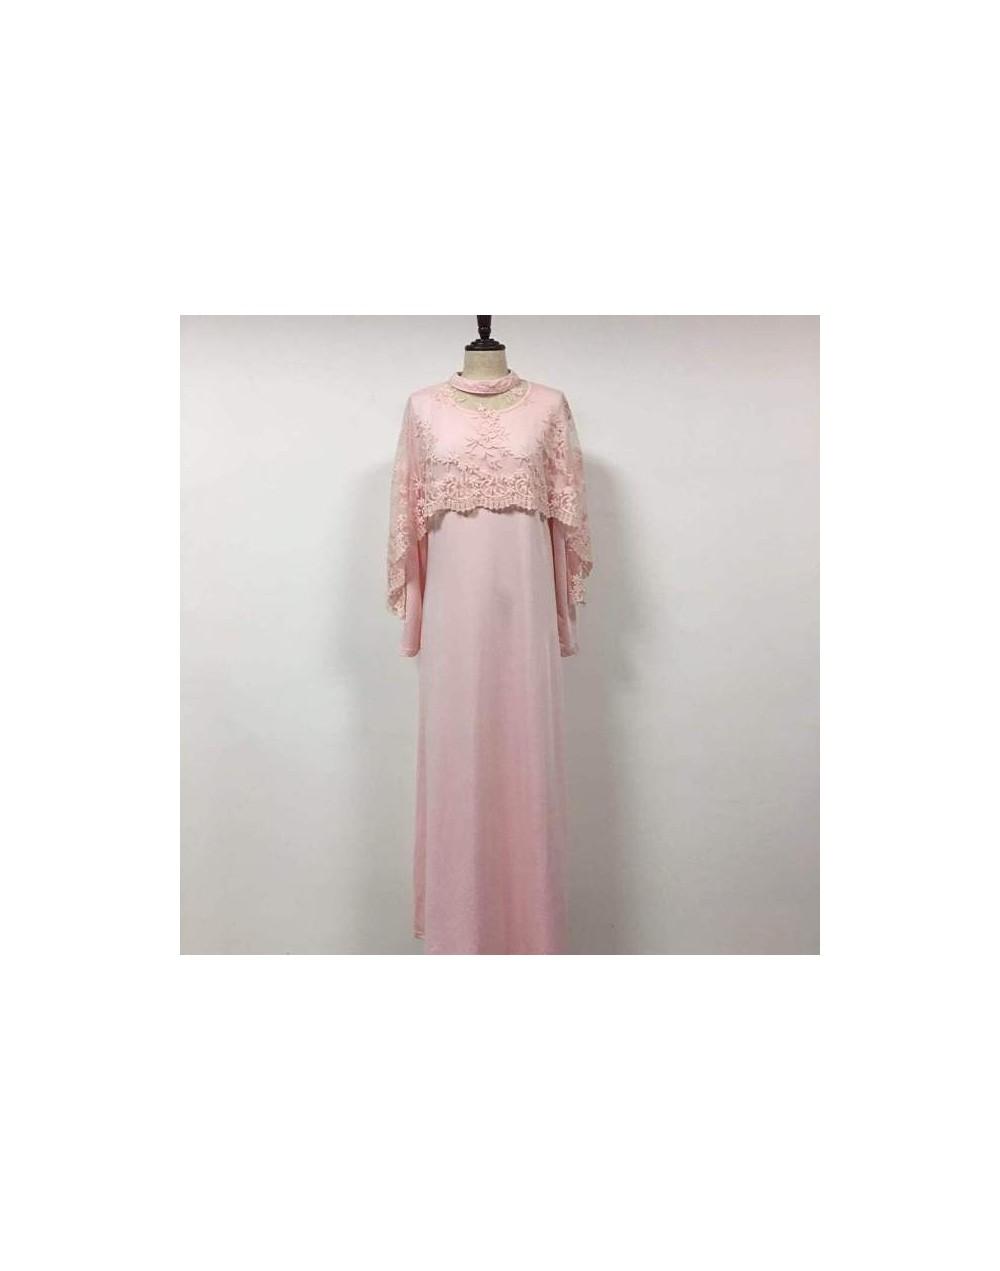 Dress Suits Women Two Piece Sets Mother of The Bride Dresses Elegant Lace Cape Blazer Suit Jacket Long Robe Wedding Guest We...